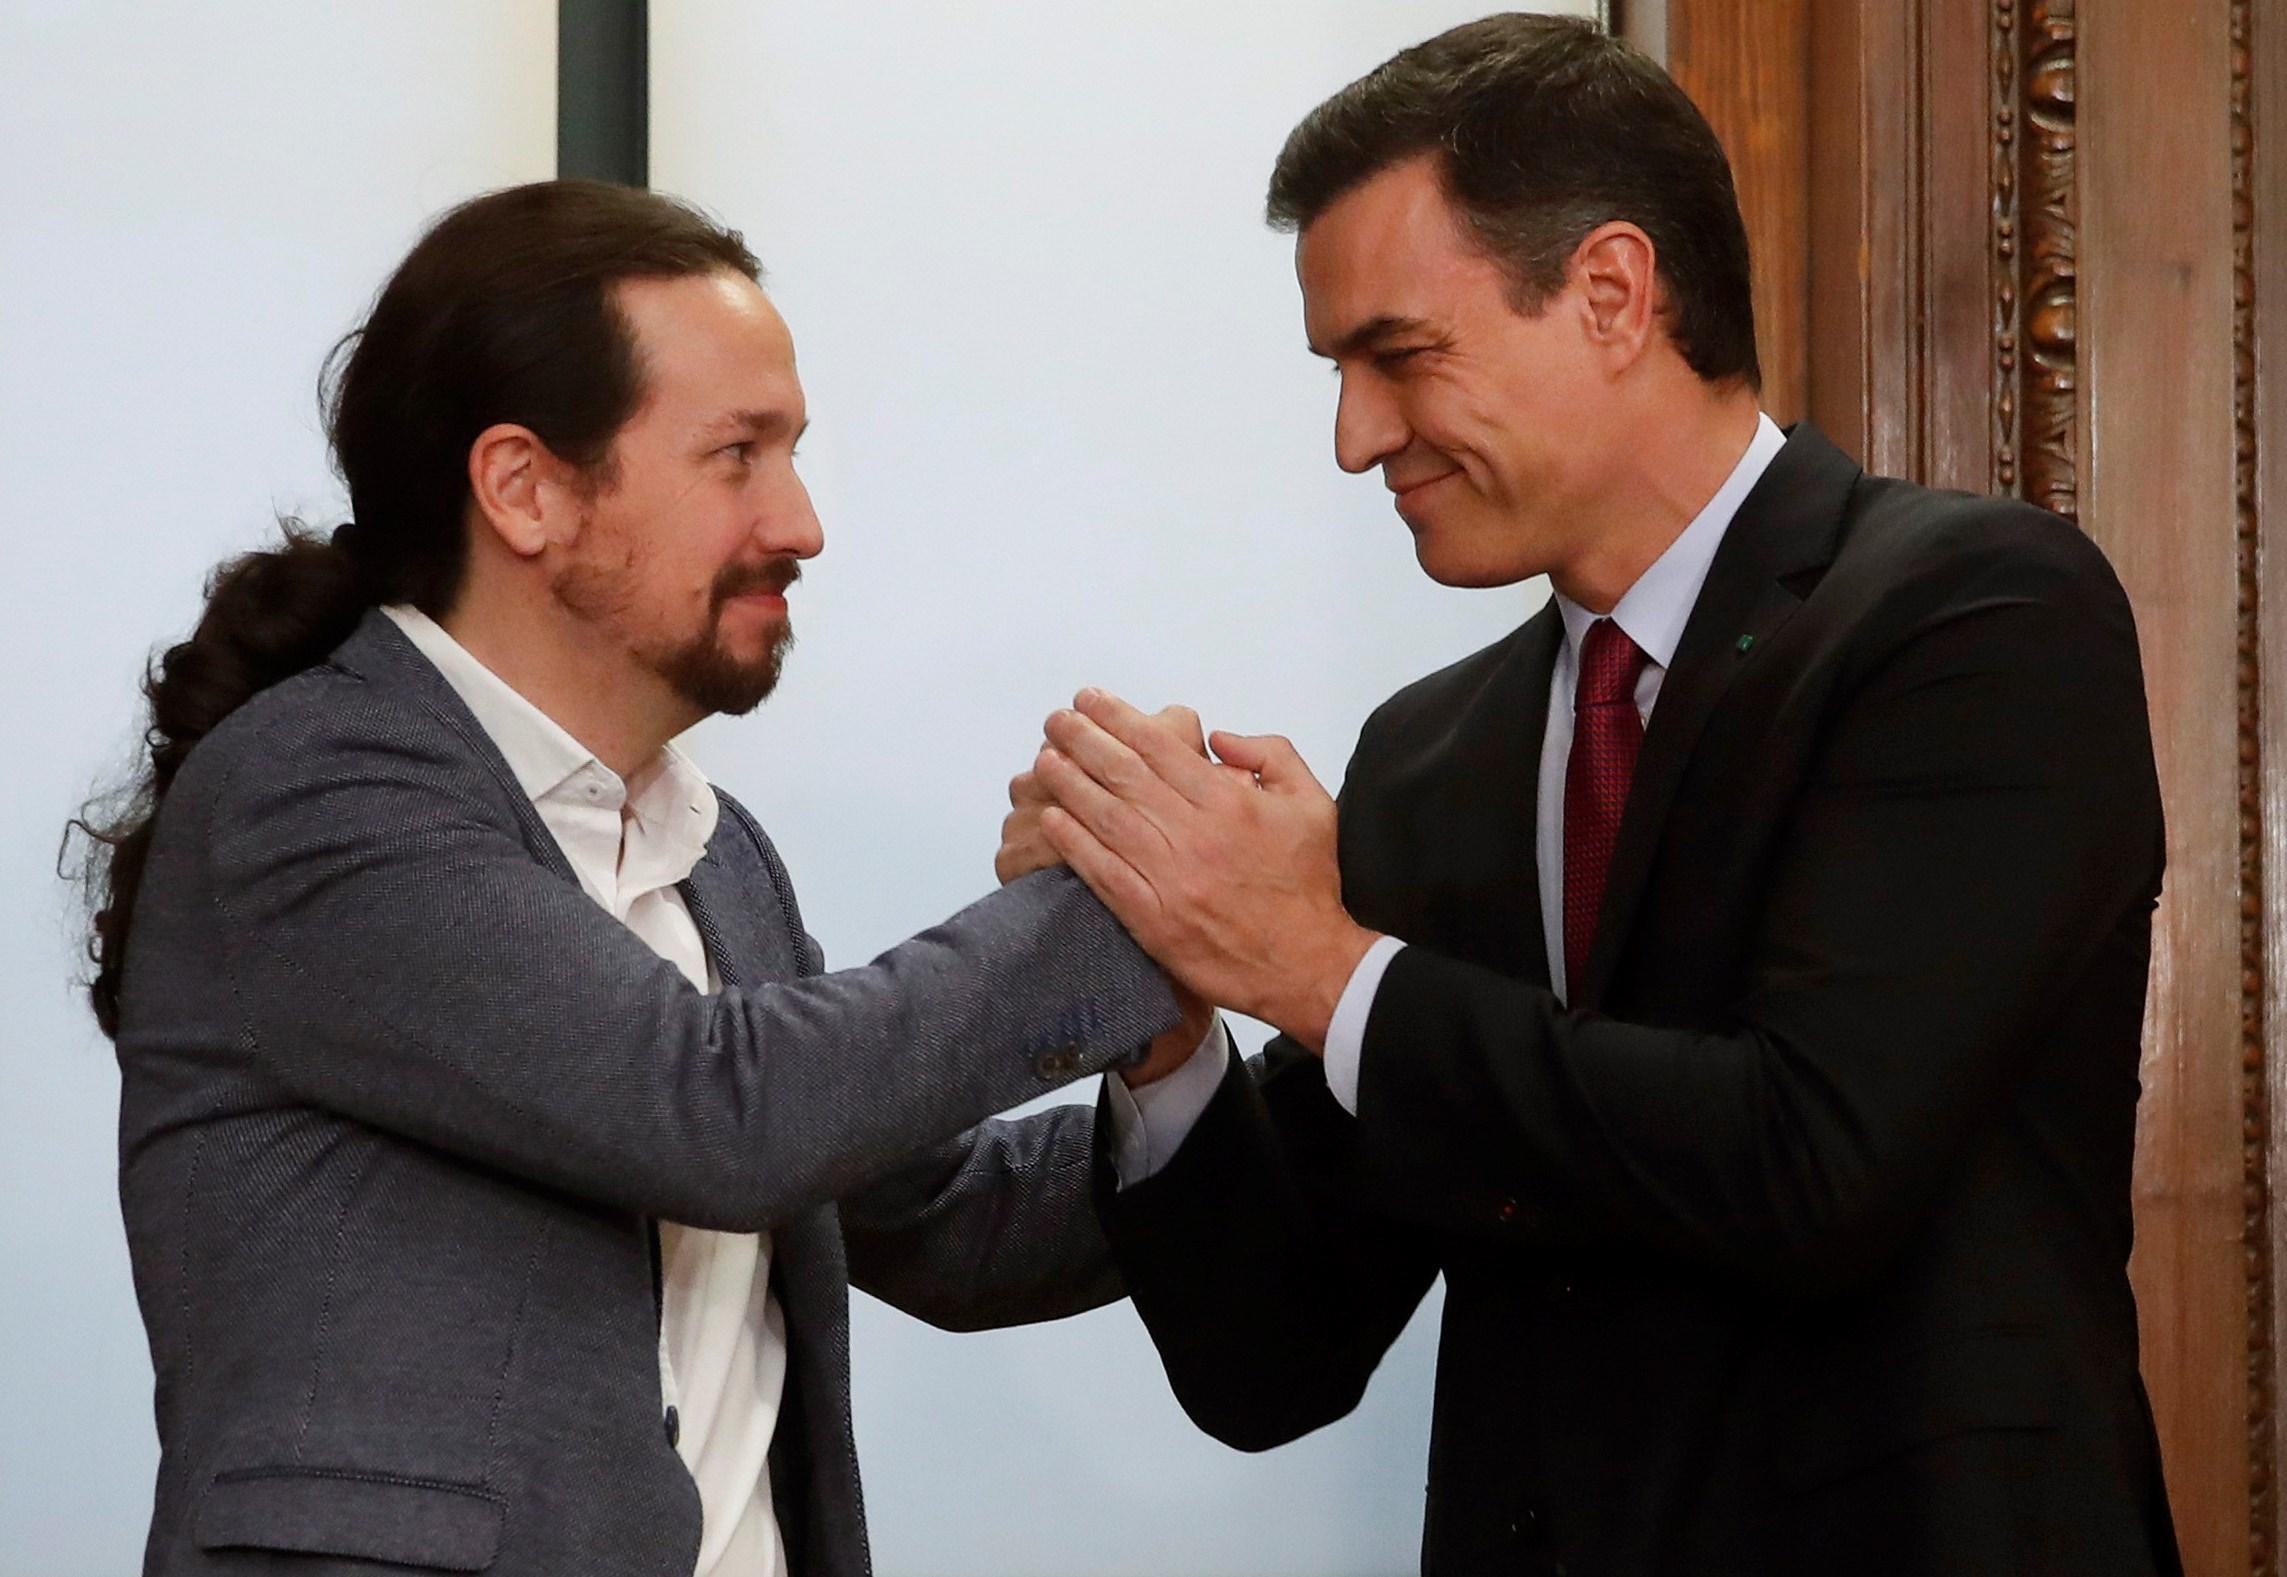 PSOE Y Unidas Podemos prohíben las terapias para curar la homosexualidad en su acuerdo de gobierno.